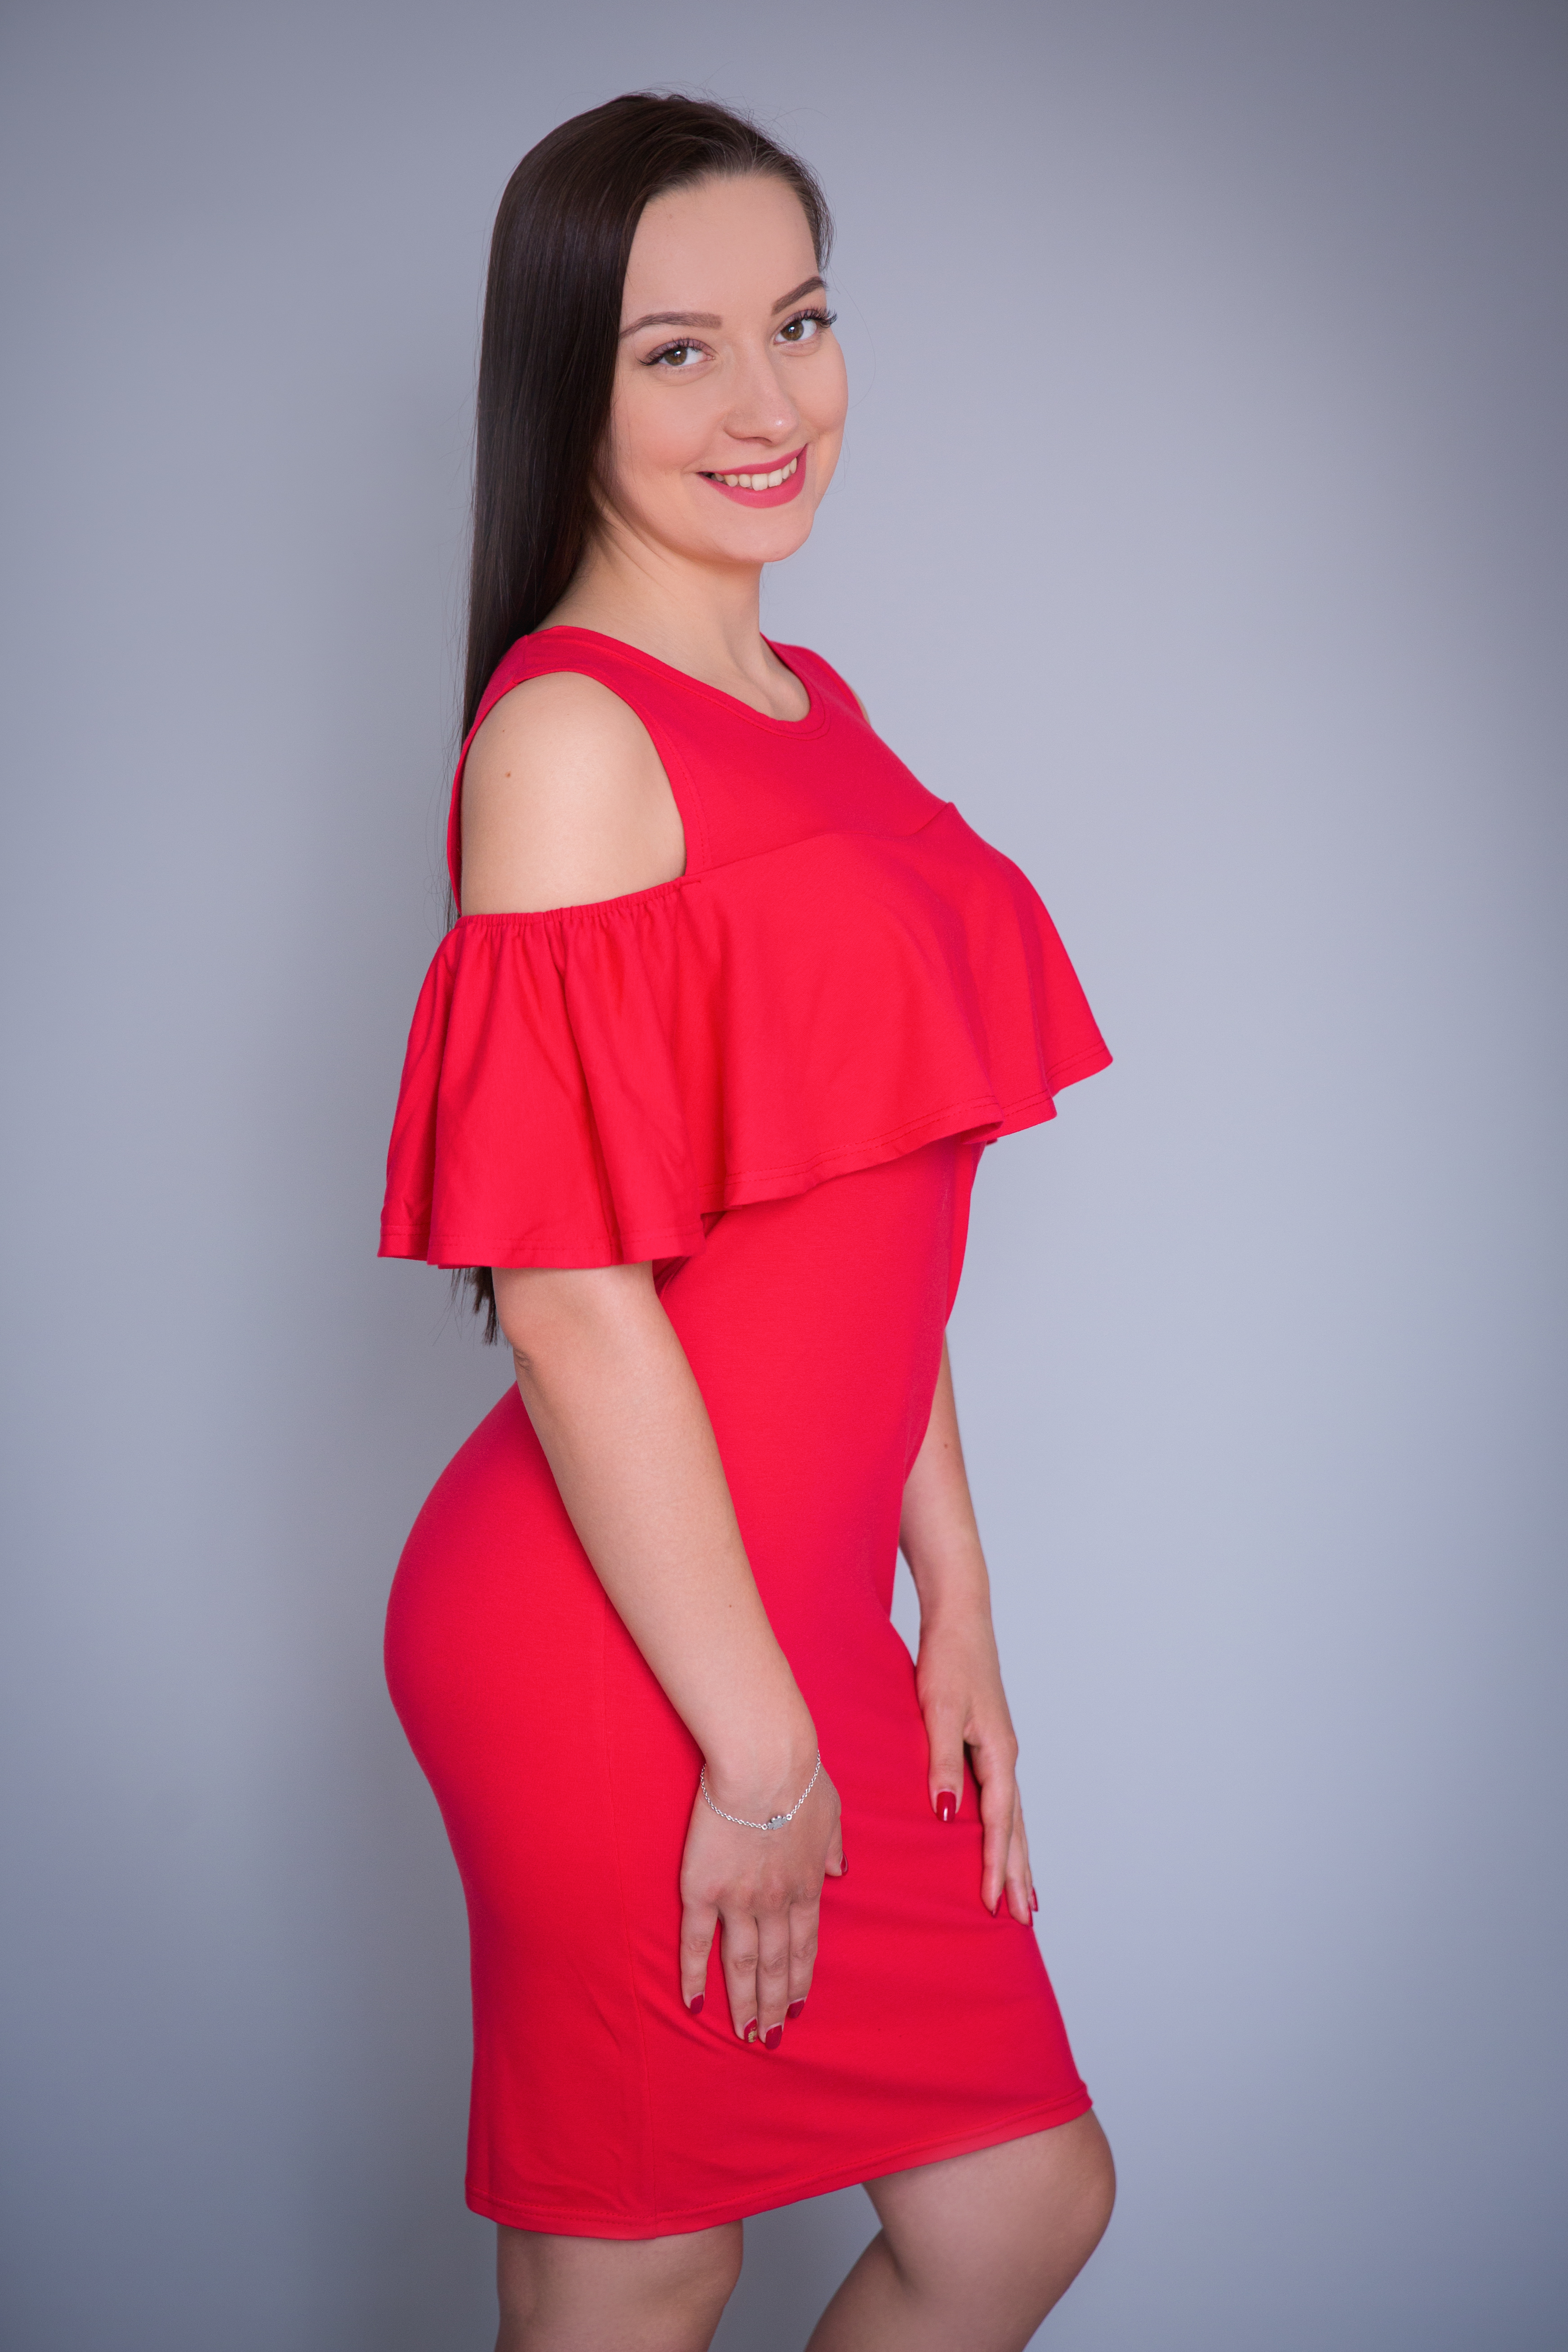 Nowa Marka w naszym Salonie! Vagabonda ubrania dla kobiet w ciąży i karmiących